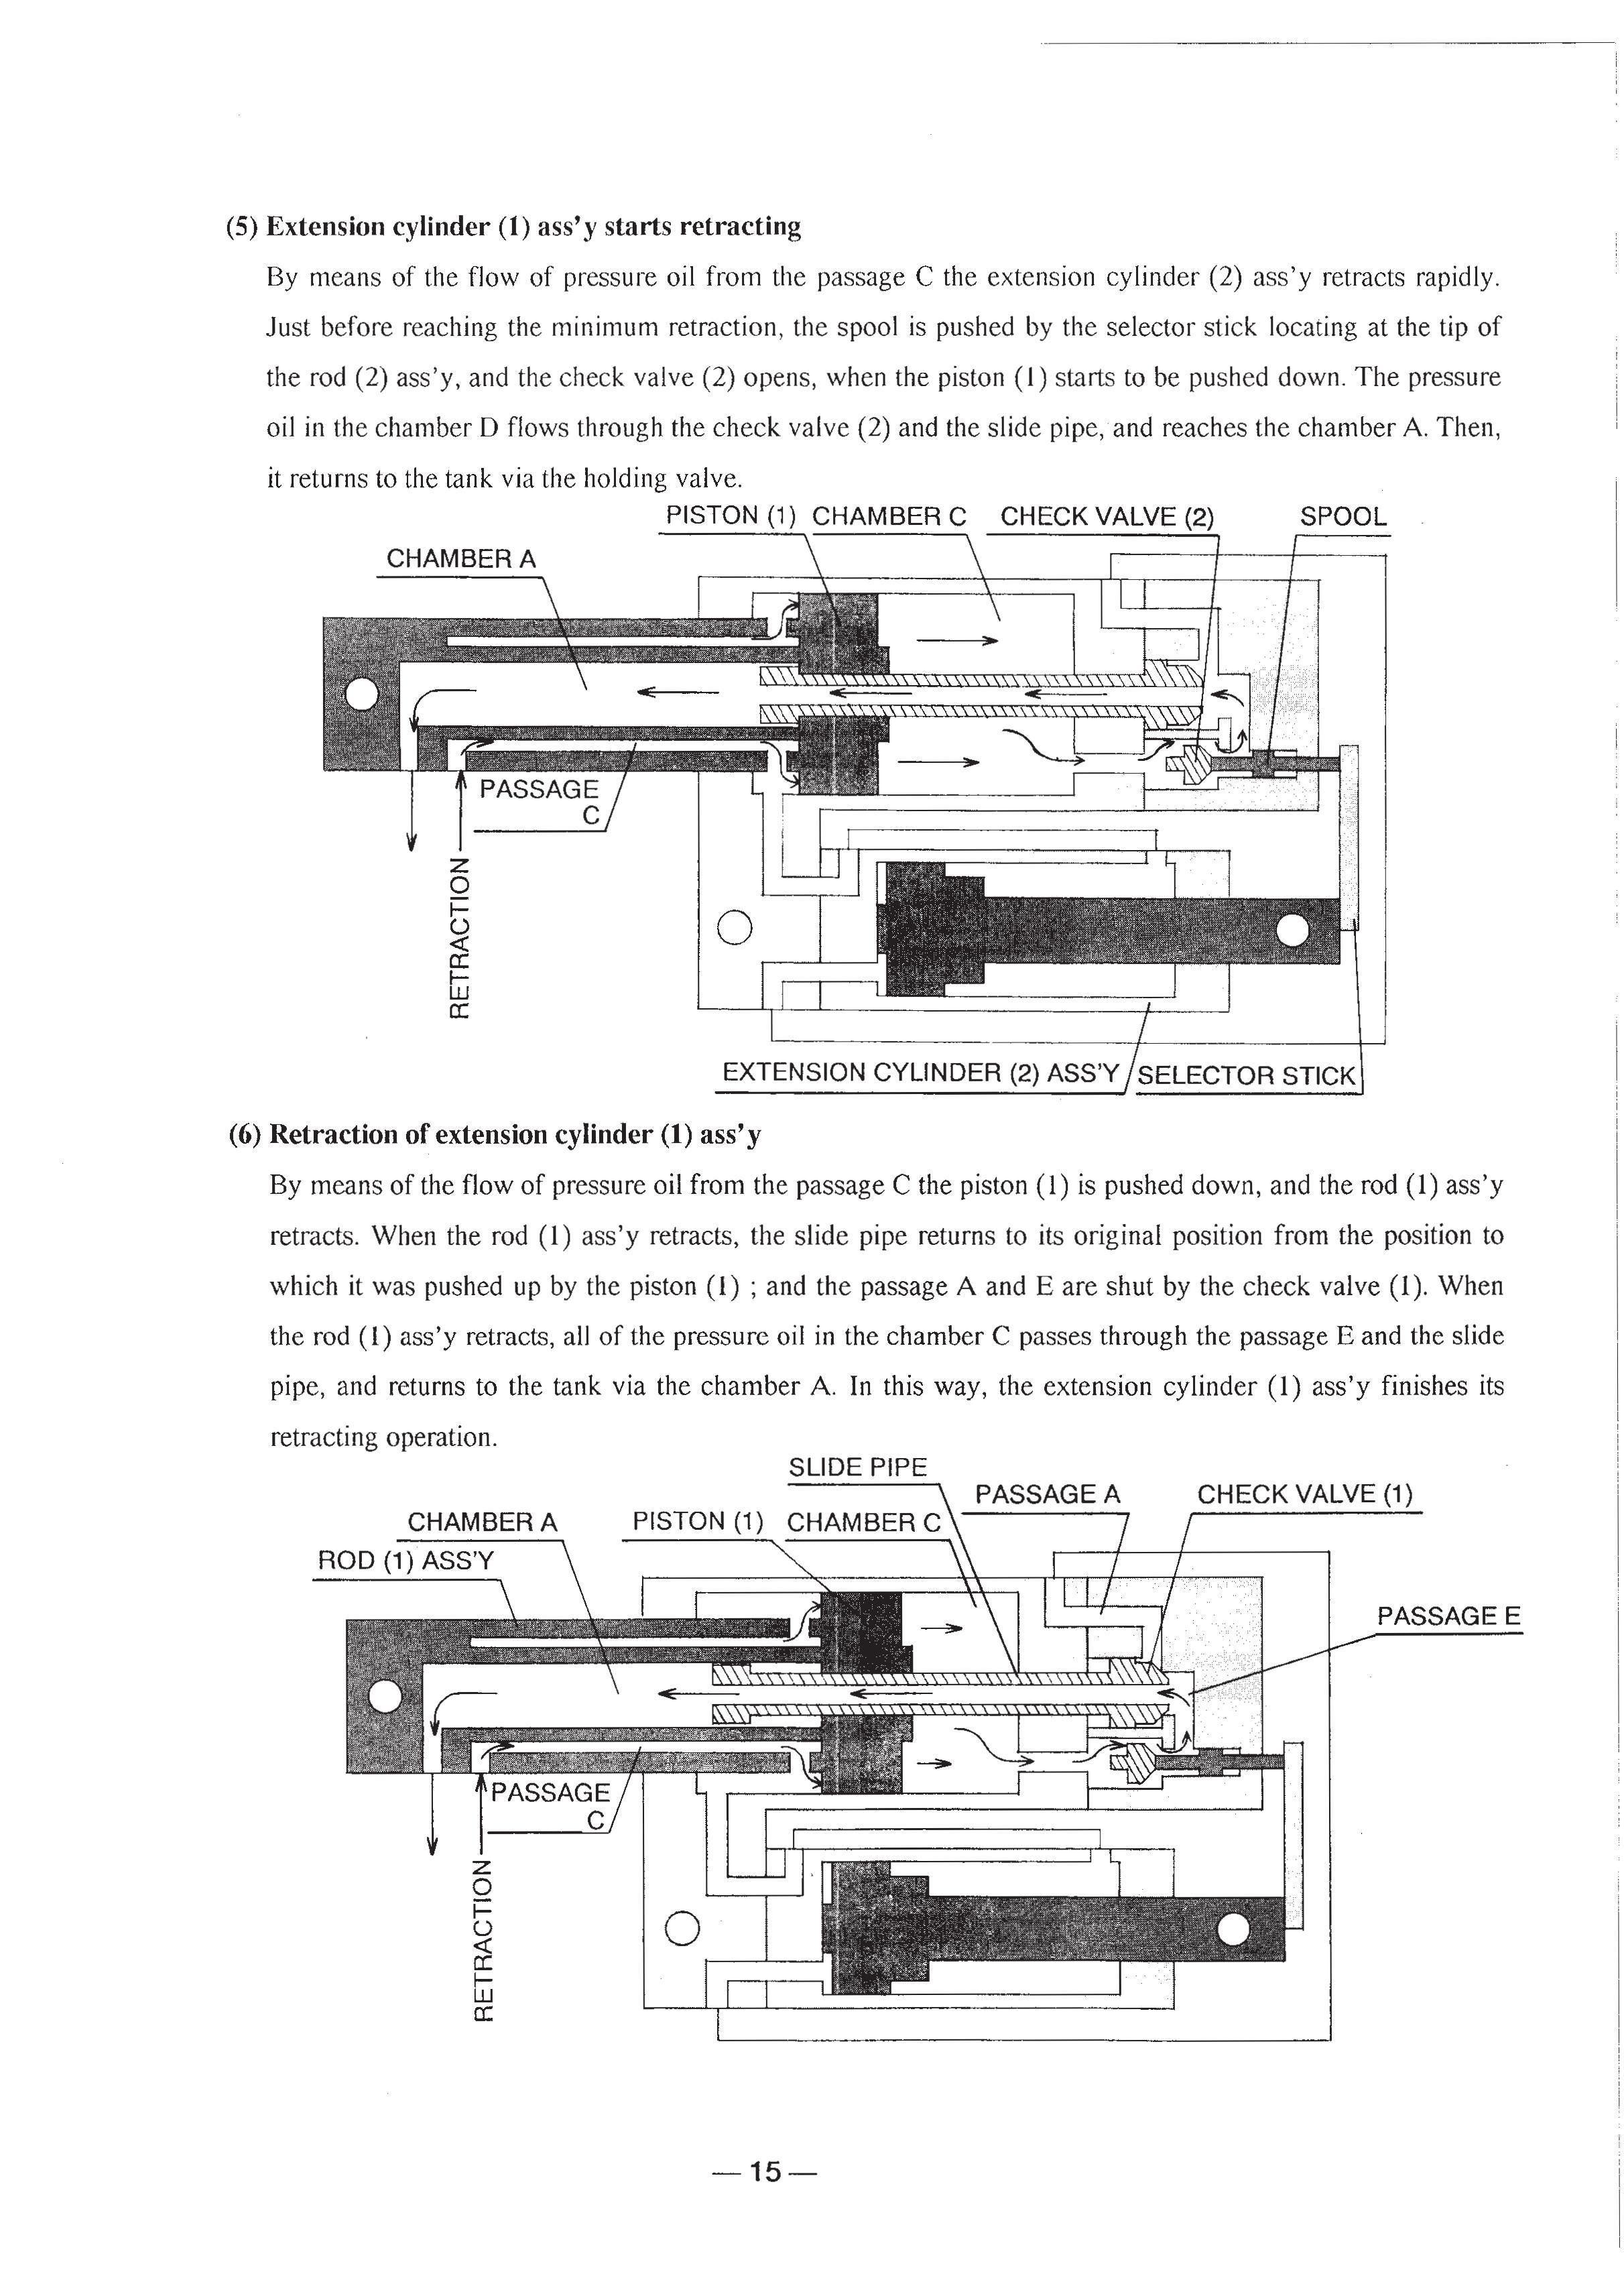 гидравлическая схема кму тадано